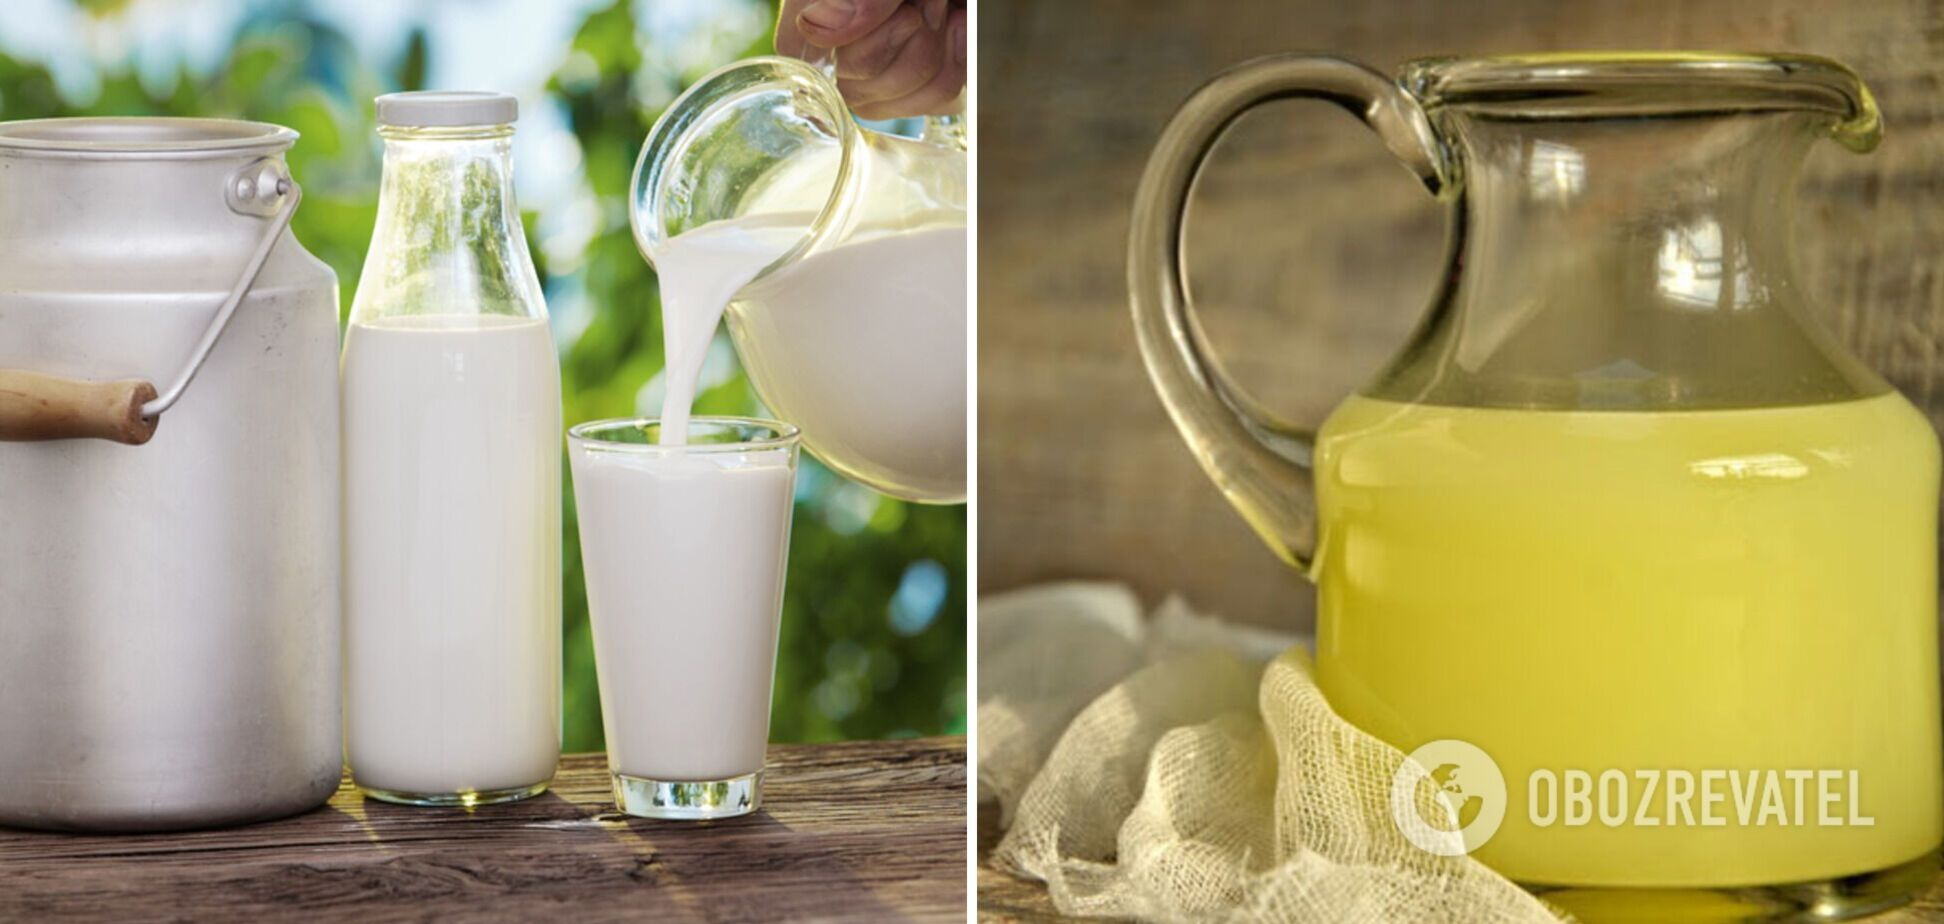 Молочная сыворотка: недооцененный и очень полезный продукт